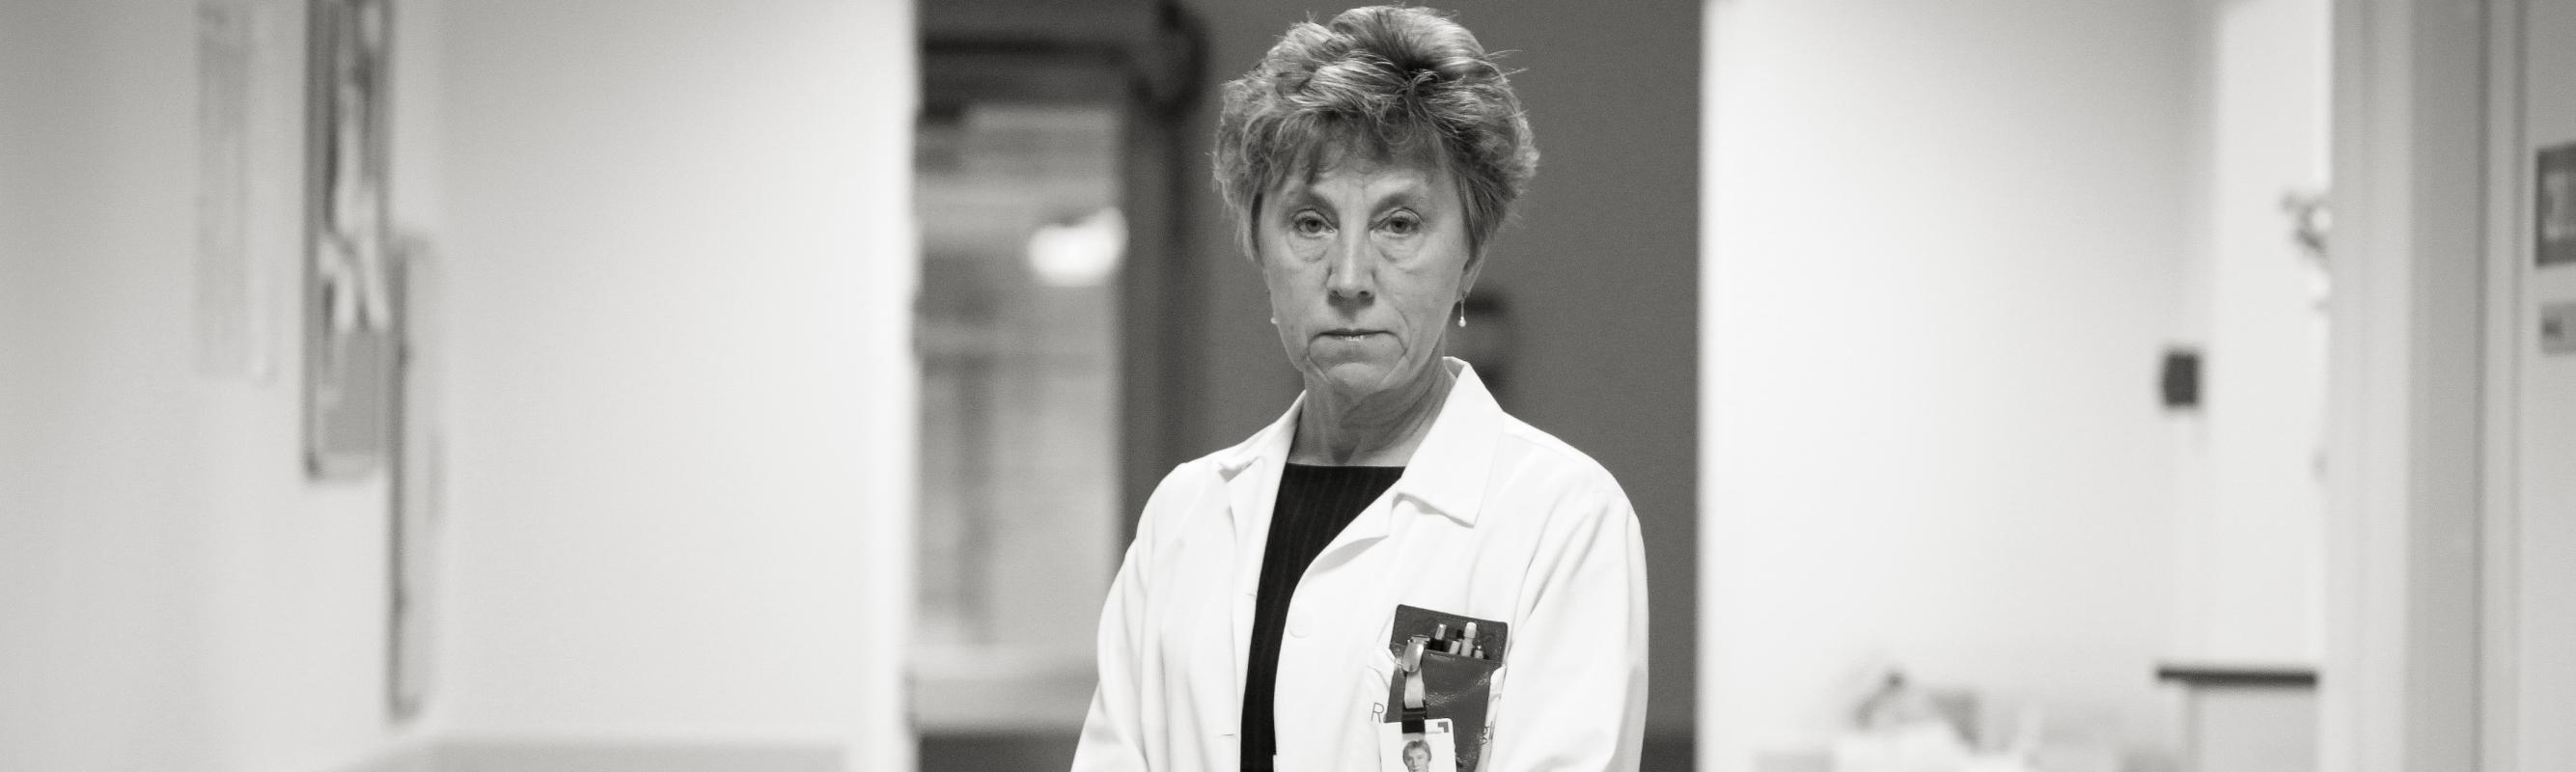 Nefroloogiakeskuse juhataja dr Merike Luman